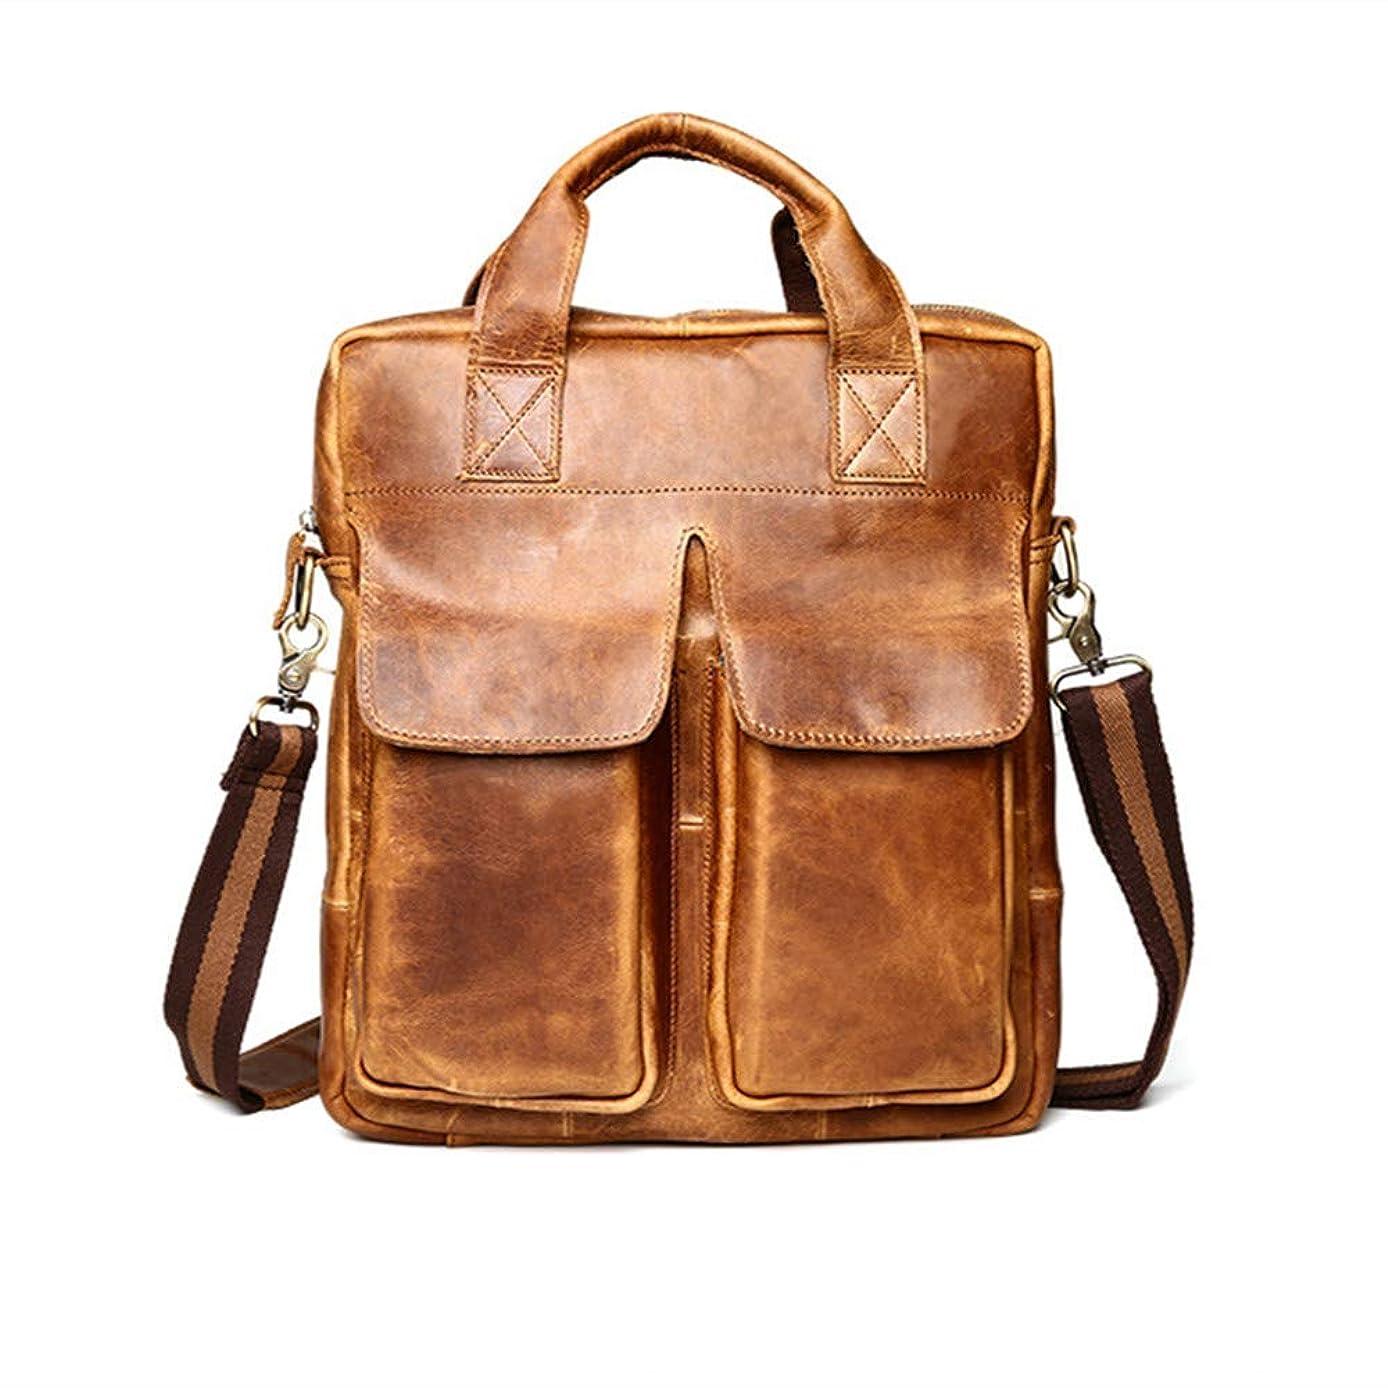 Expandable Large Hybrid Shoulder Bag Mens Crazy-Horse Leather Laptop Bag, Travel Briefcase Carry on Handle, Large Shoulder Bag Waterproof Business Messenger Briefcases for Men Crossbody bag Fits 14 13